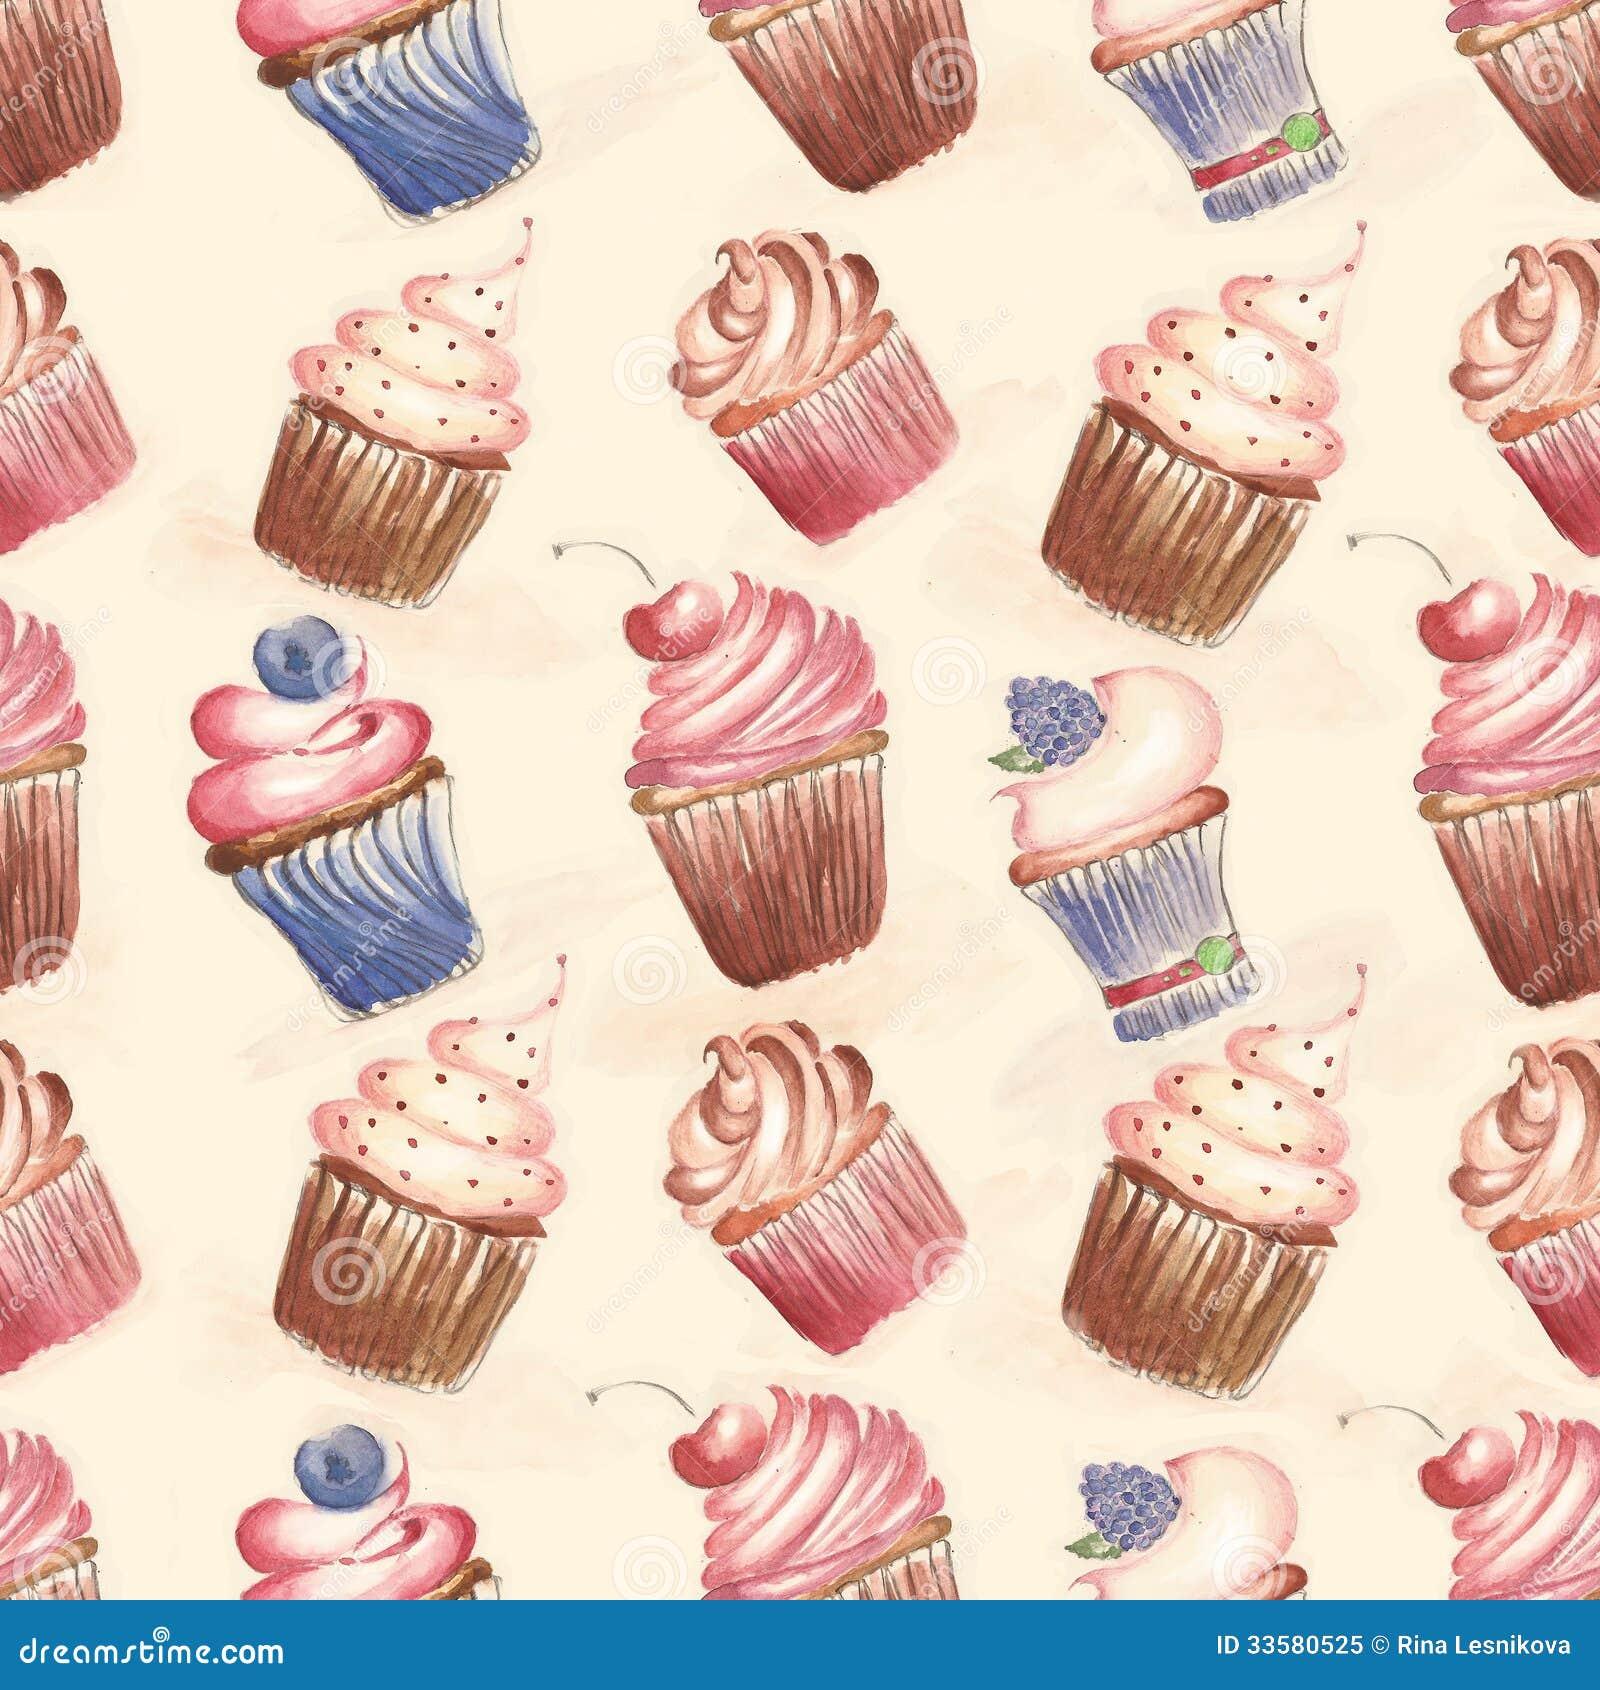 download muster mit kuchen kleine kuchen stock abbildung illustration von kirsche schwamm - Kuchen Muster